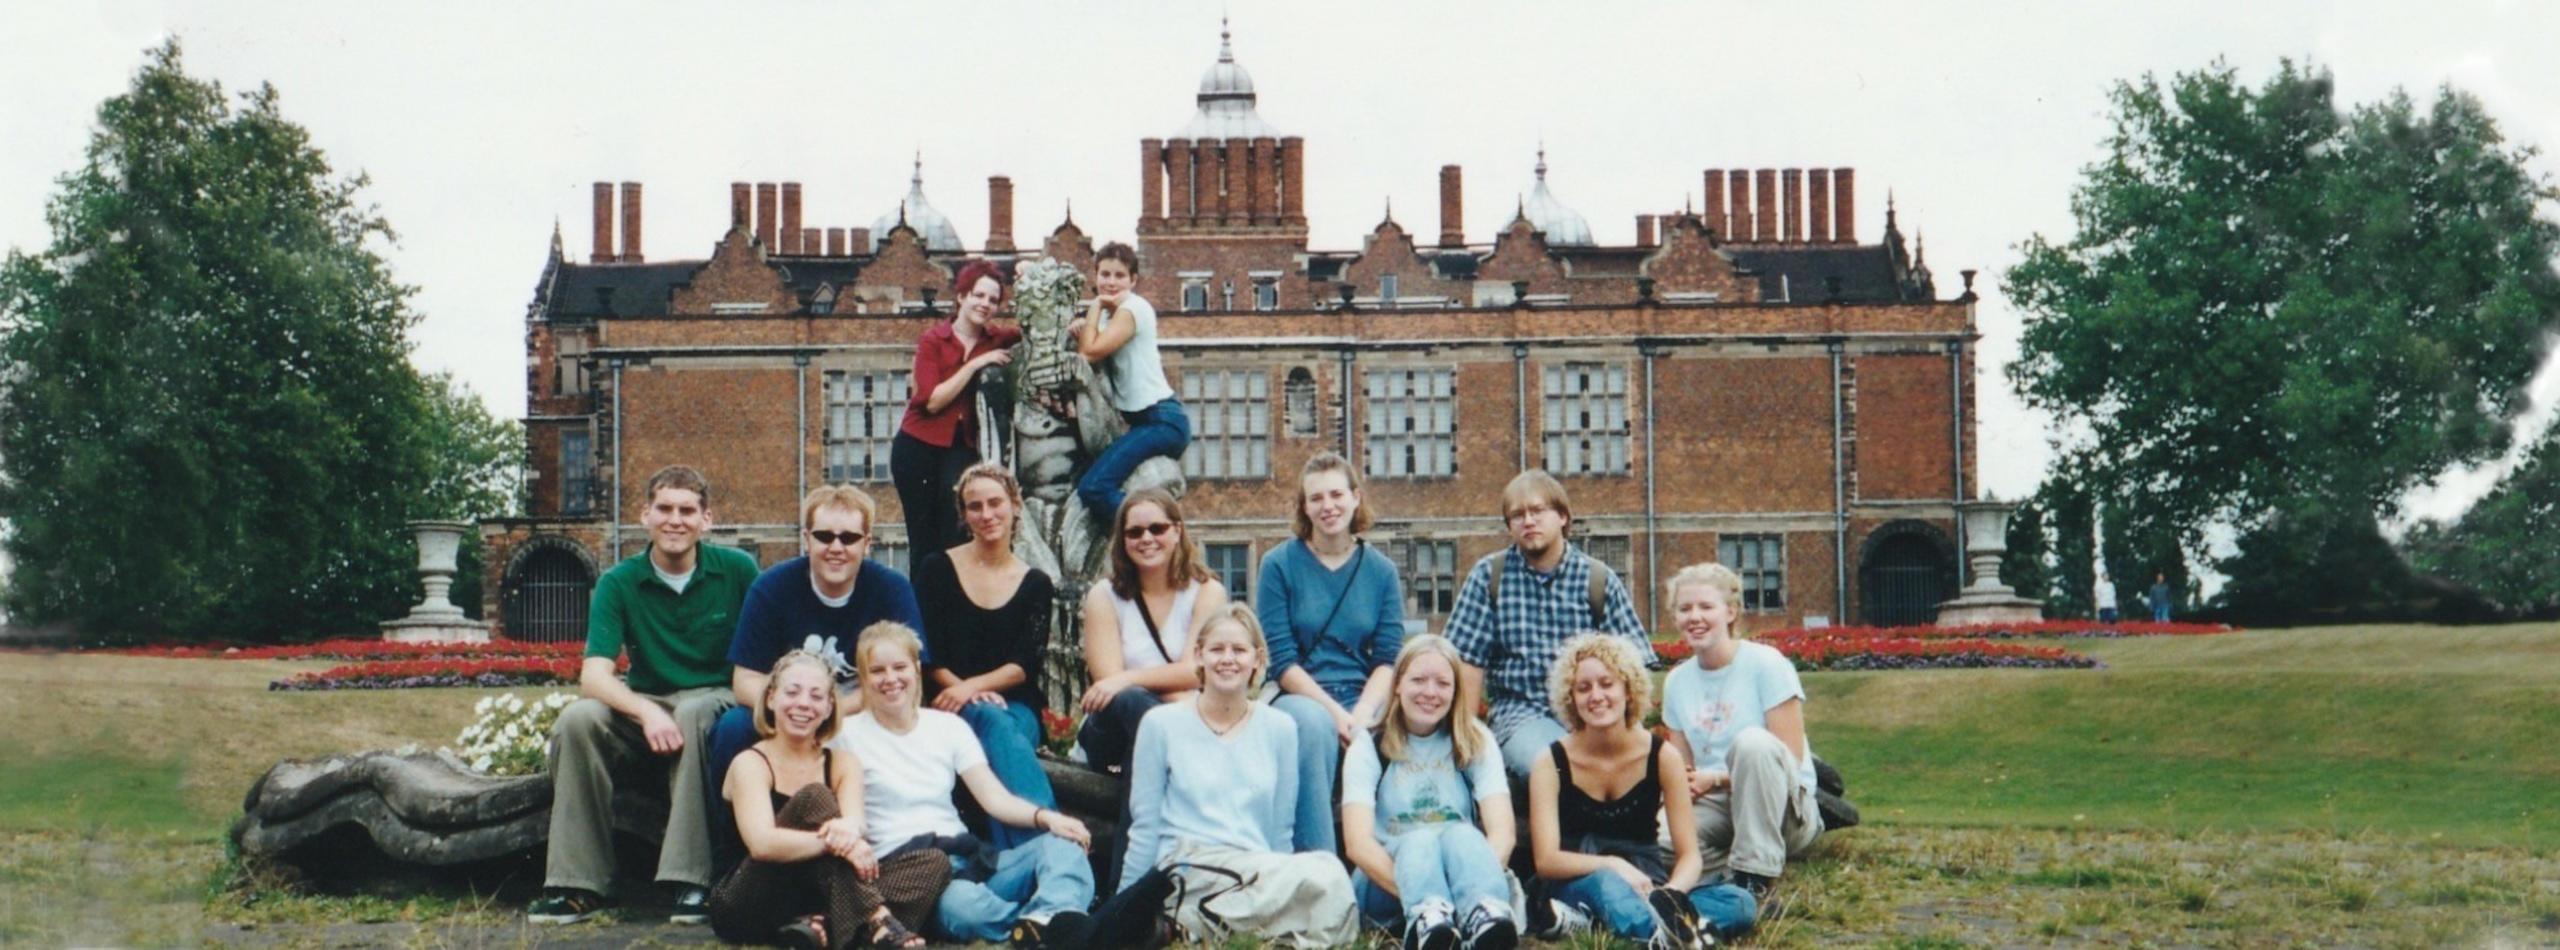 Students at the Jacobean Ashton House